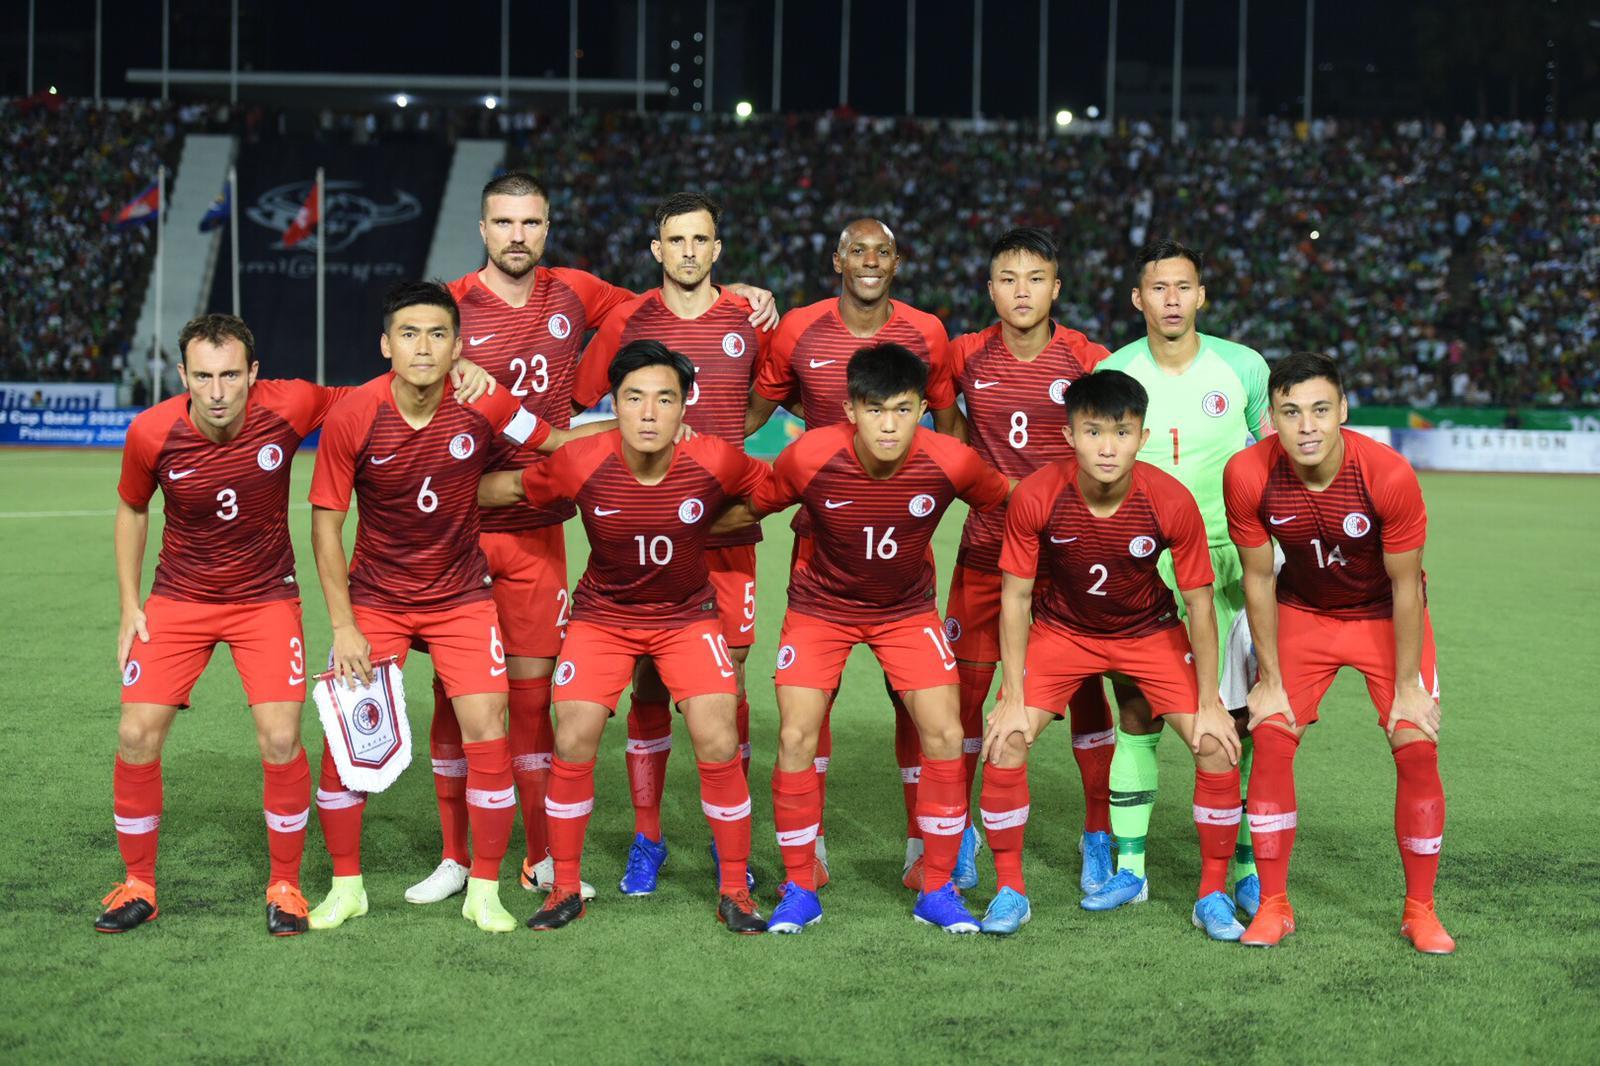 港足出戰世界盃亞洲區次圈外圍賽C組對作客柬埔寨,最後打成1:1各得一分。相片由足總提供